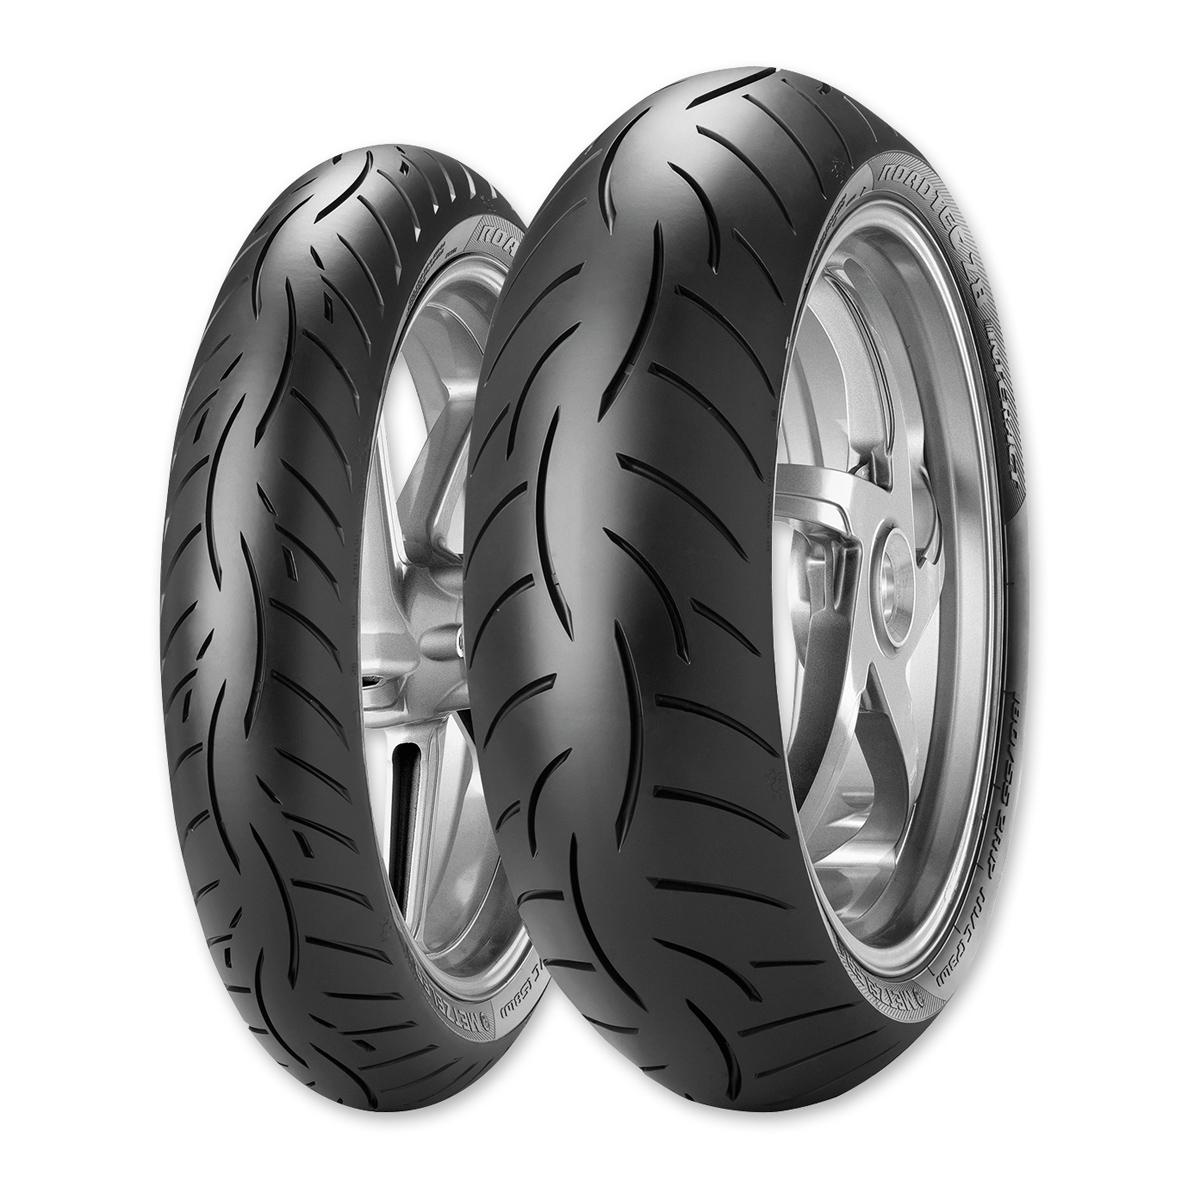 Metzeler Roadtec Z8 Interact 180/55ZR17-M Rear Tire